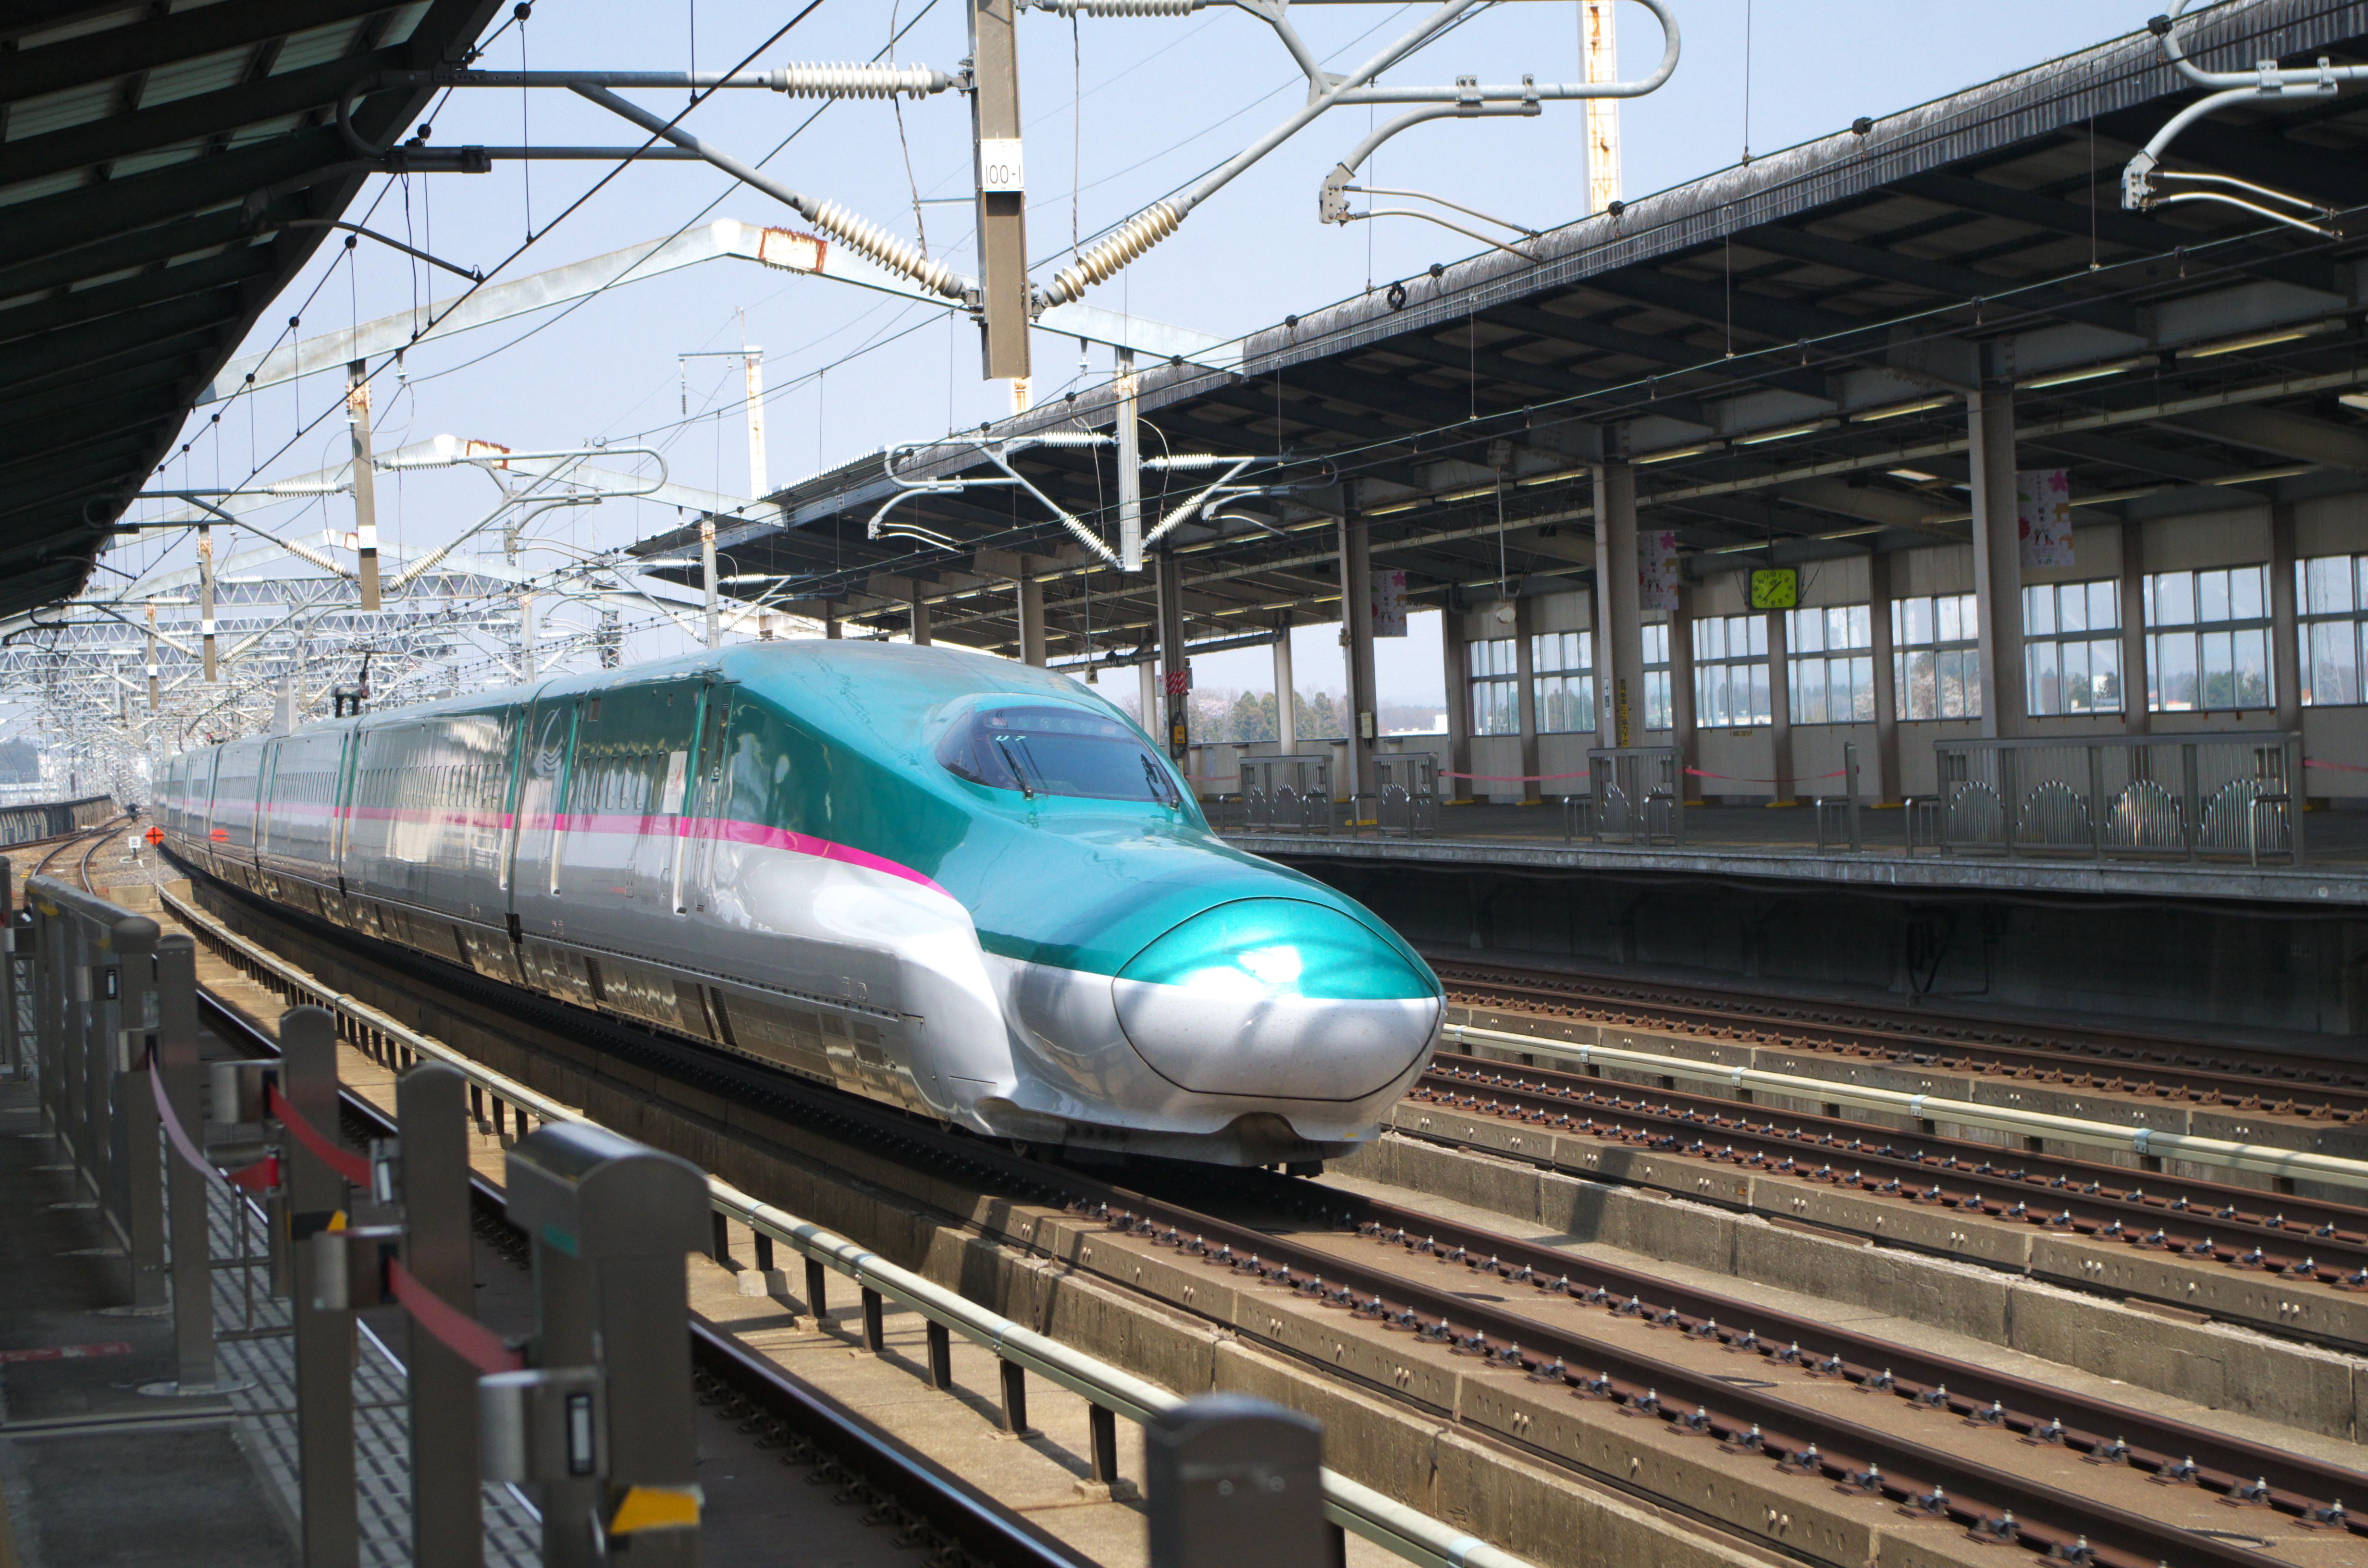 鉄道写真】那須塩原で高速通過する新幹線を撮影!|H5系&E6系&E2系